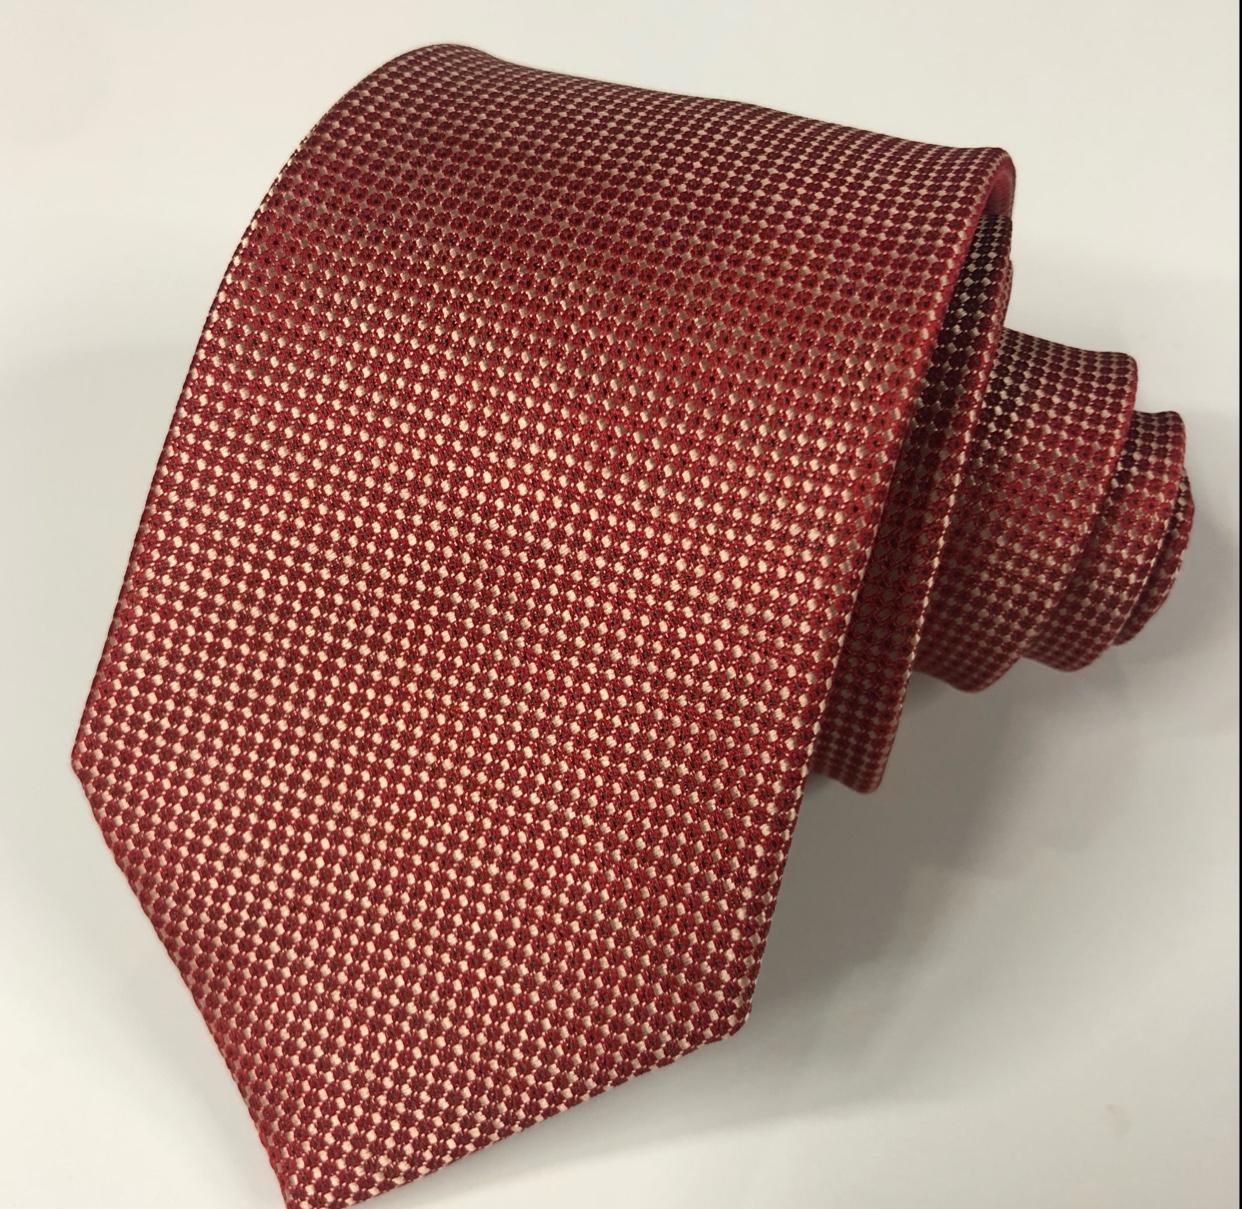 橘色男士领带时尚涤纶批发工厂直销